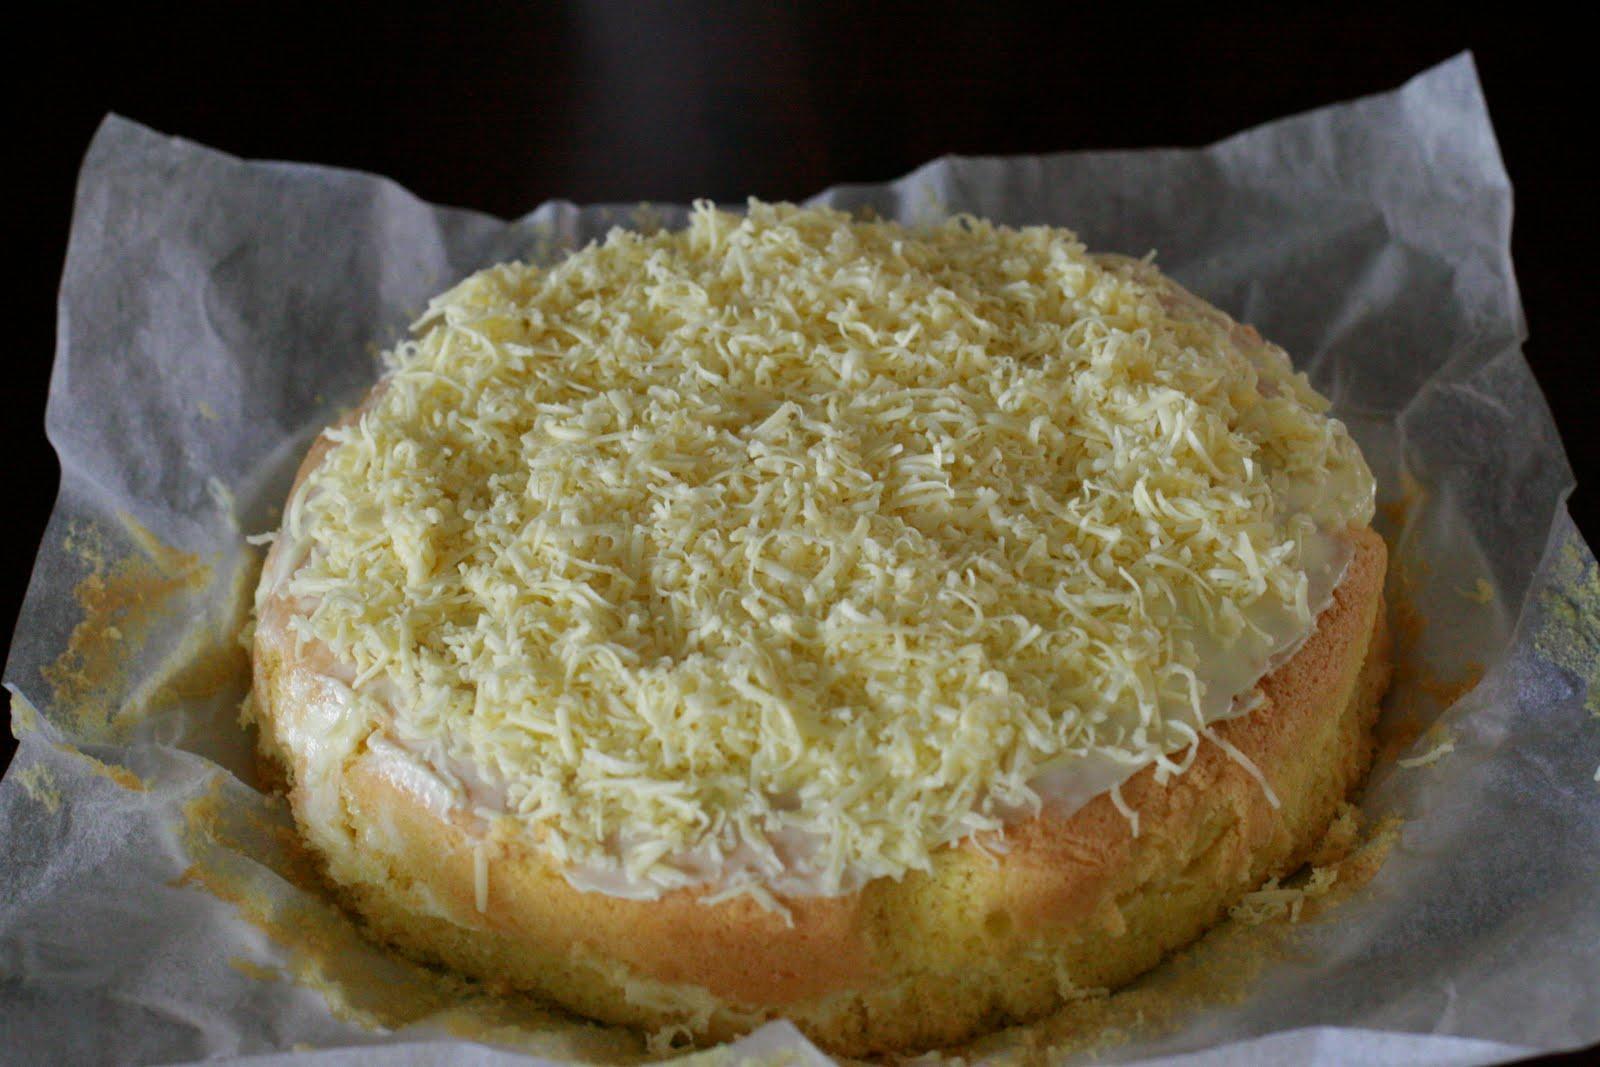 resep dan cara membuat kue bolu keju resep kue bolu